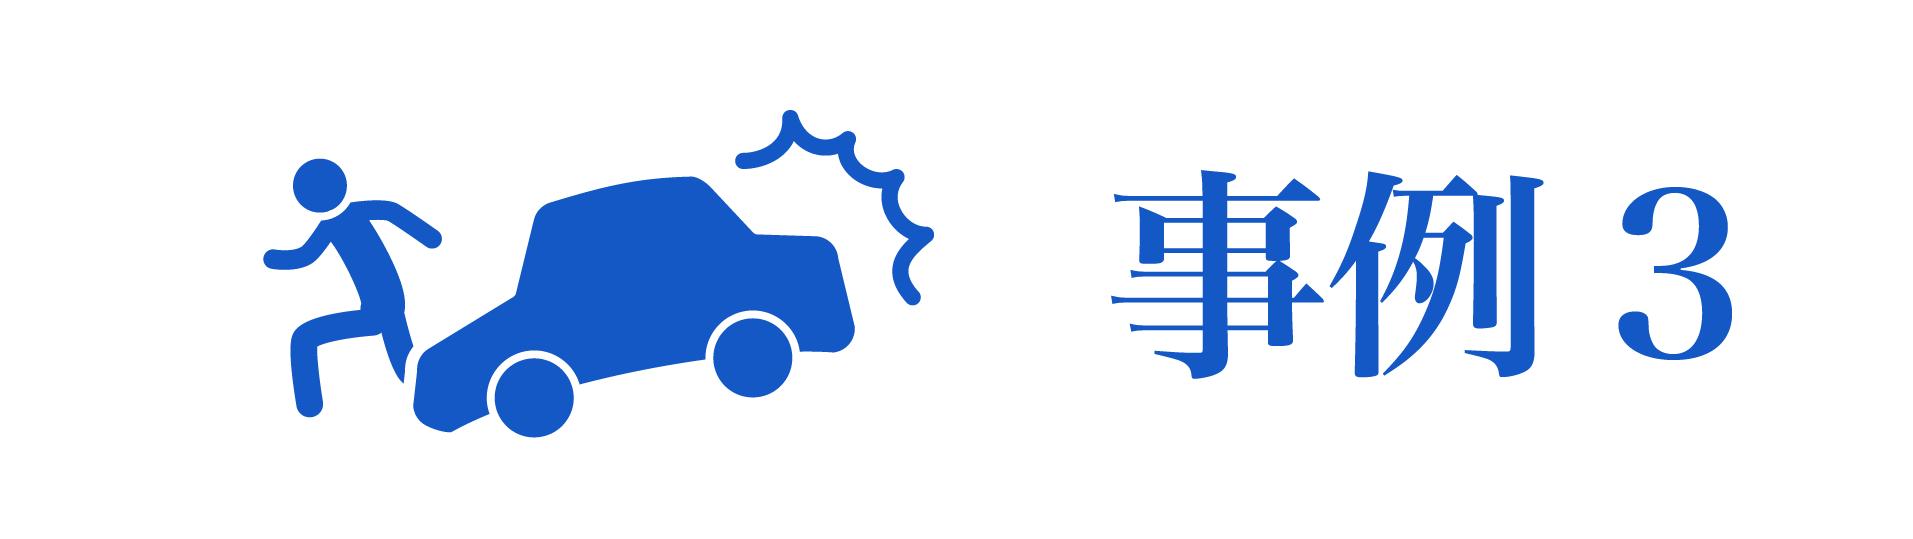 jirei3 1 - 交通事故治療について